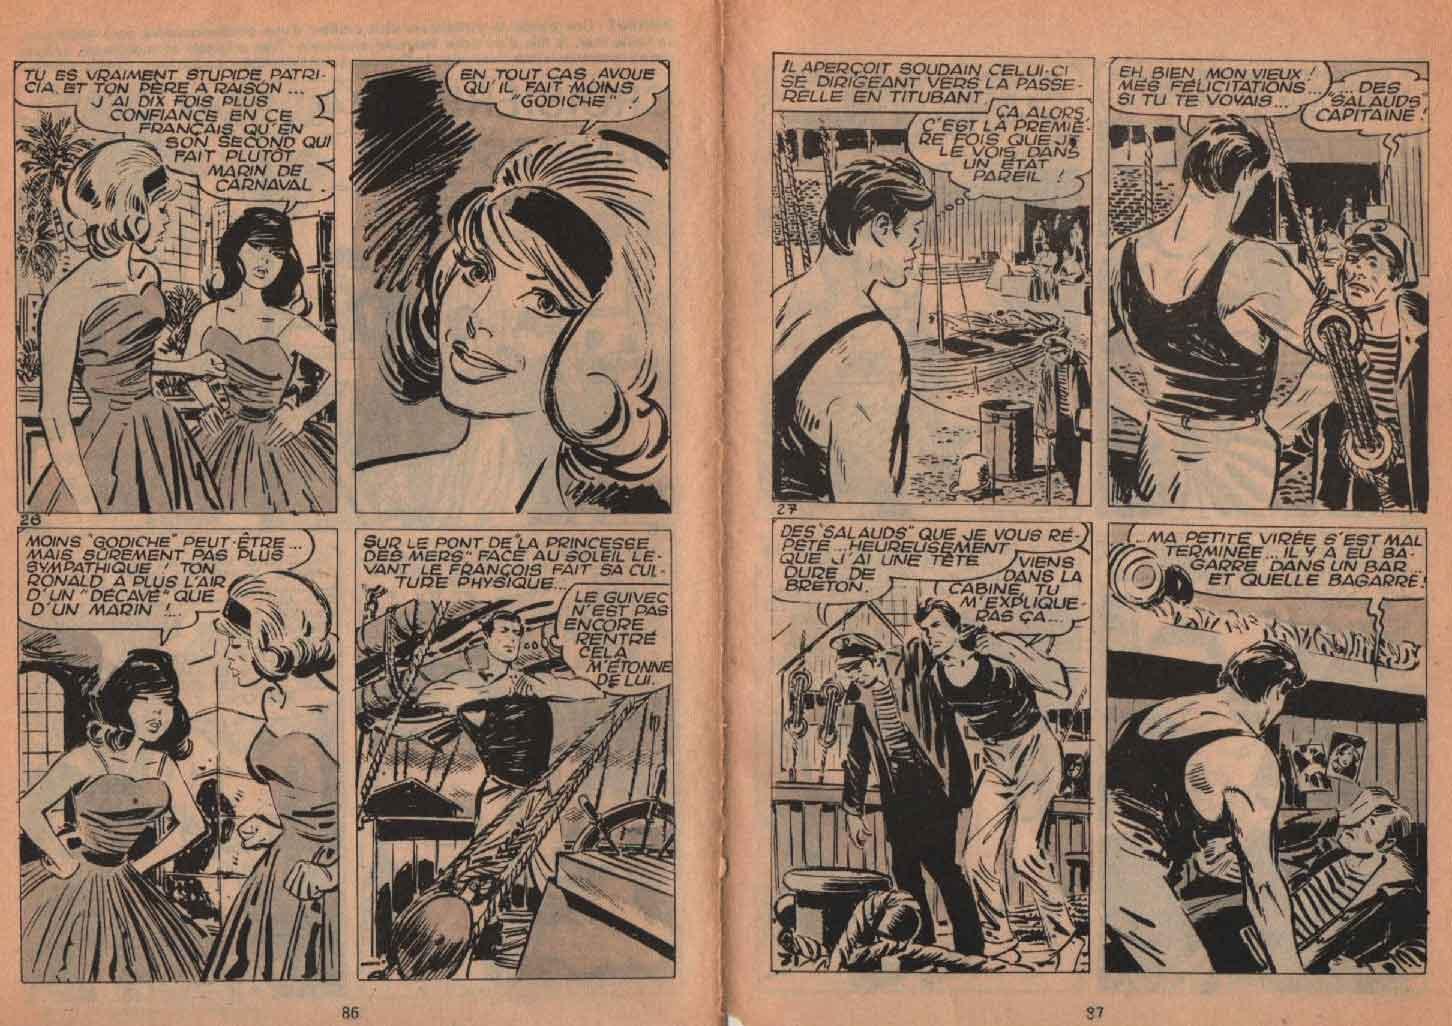 « Croisière sans escale » Frimousse n° 123 (20/04/1963).